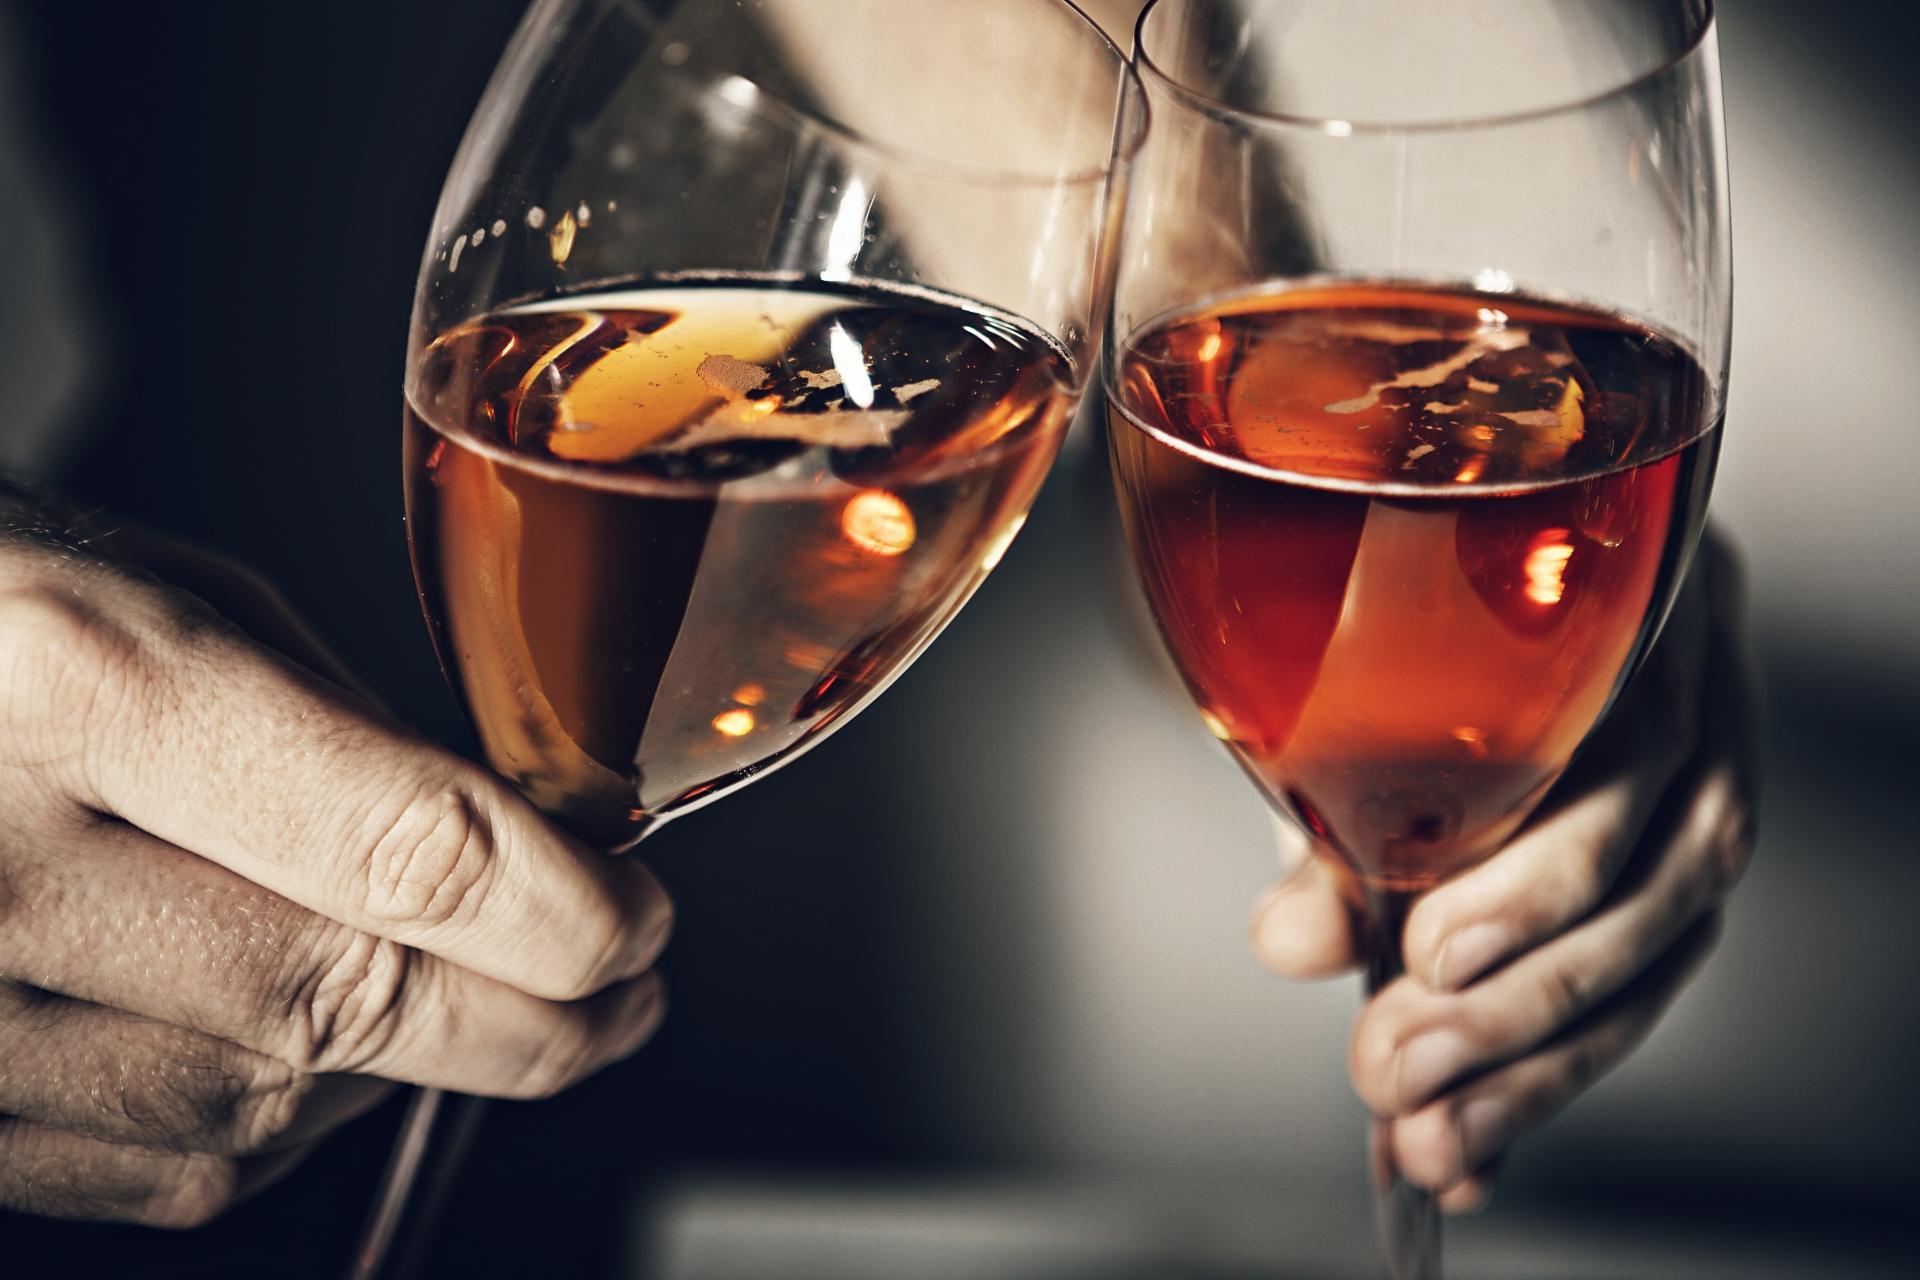 独身最後の夜_バチェラー・パーティー_お酒を交わす